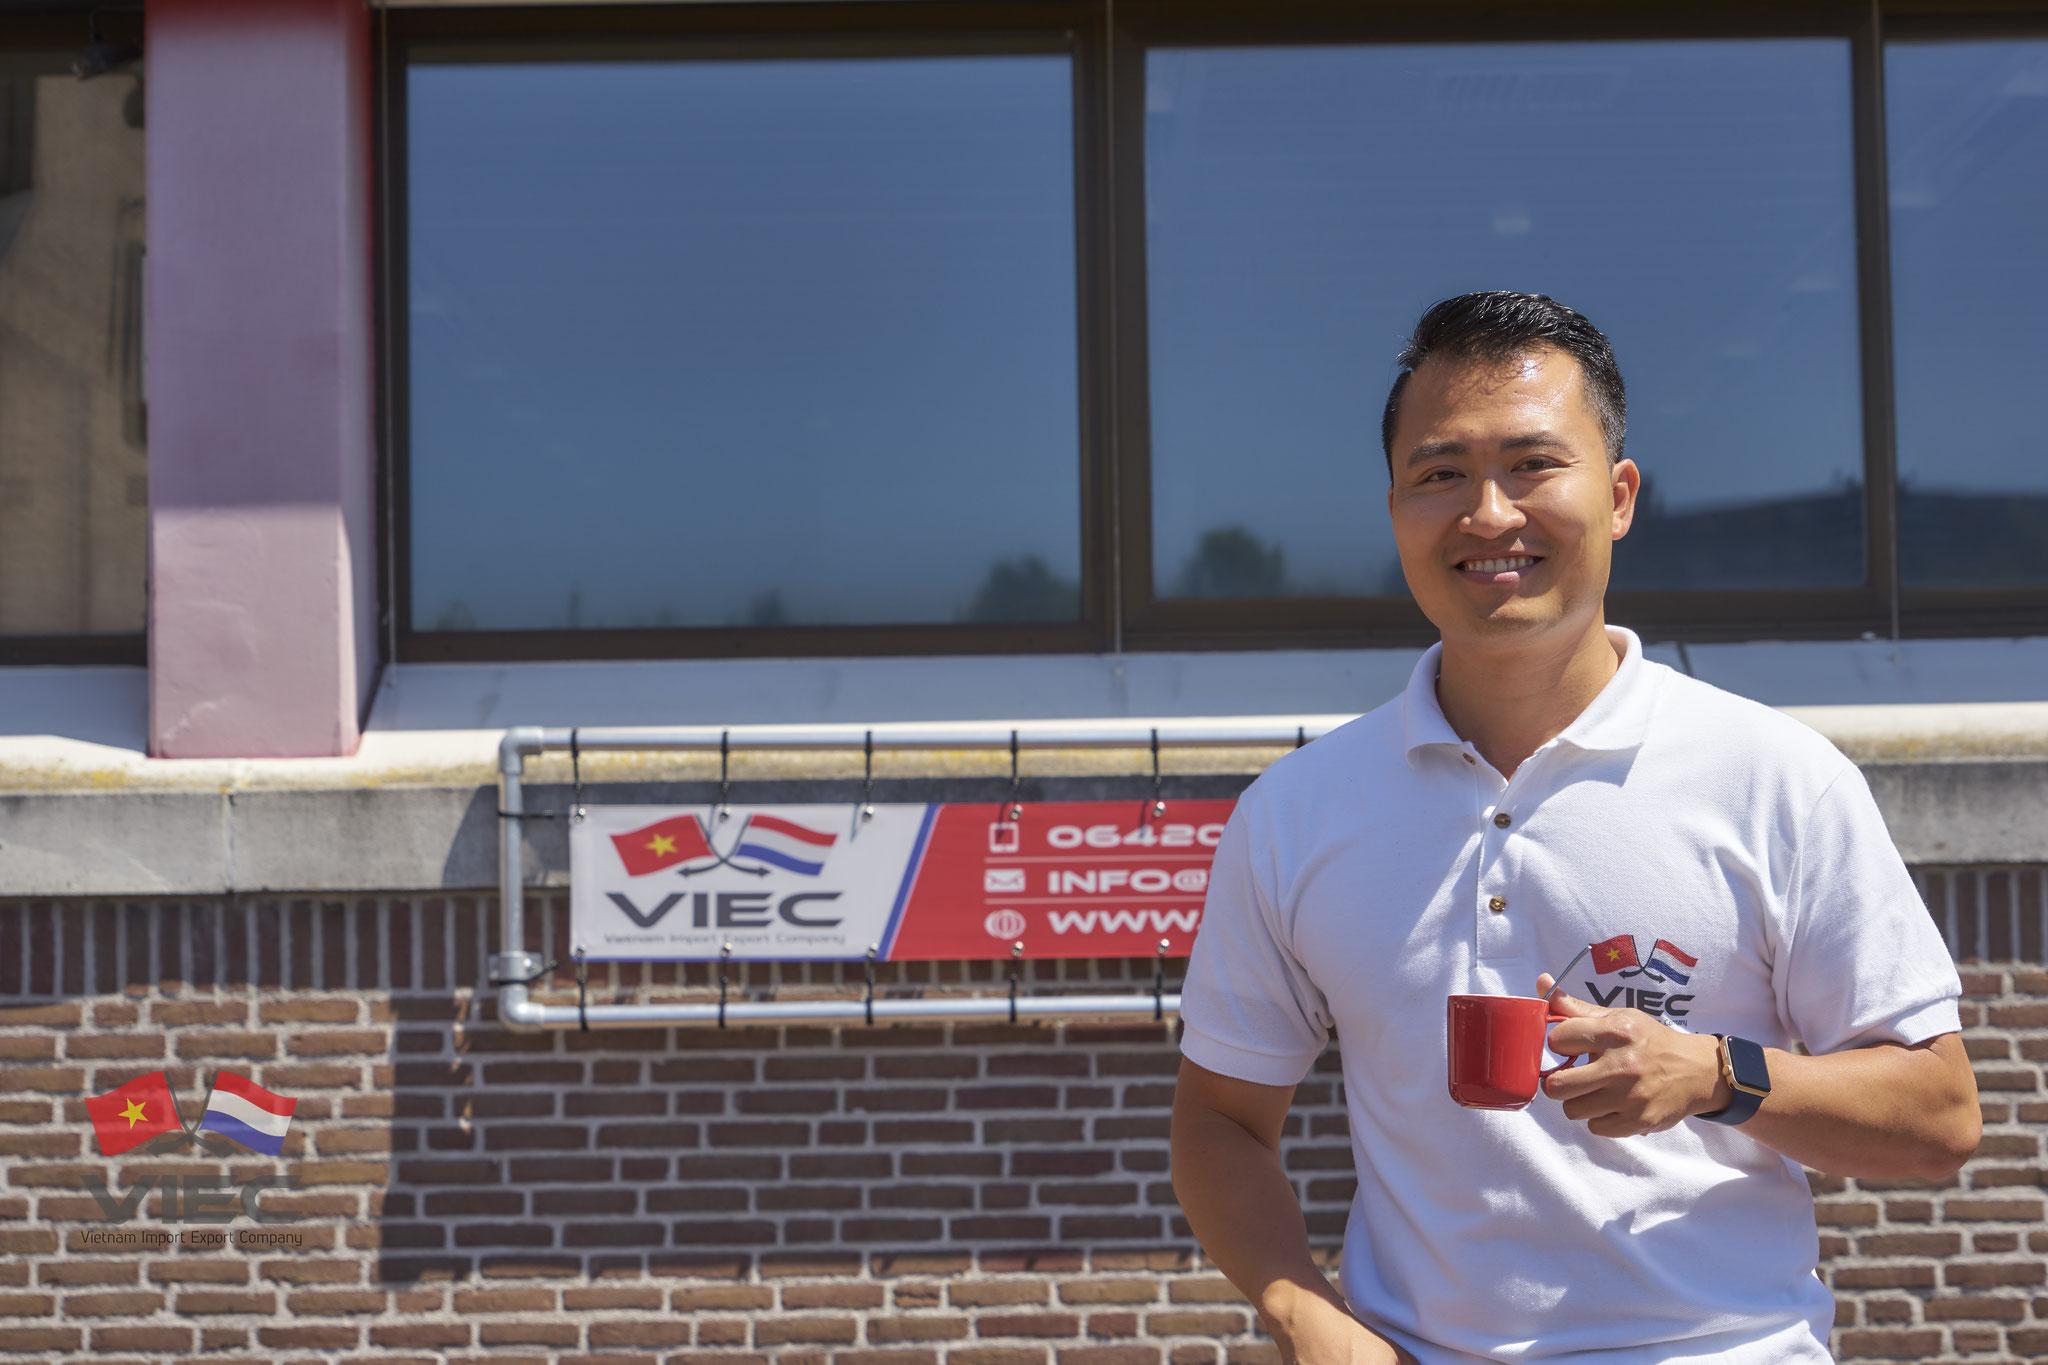 Mr. Nhu Nguyen 🙎🏻♂Commercial Dept 🇬🇧English & 🇻🇳Tiếng Việt & 🇳🇱Nederlands   ☎+31 (0) 6 4204 9998   📩Info@viec.nl